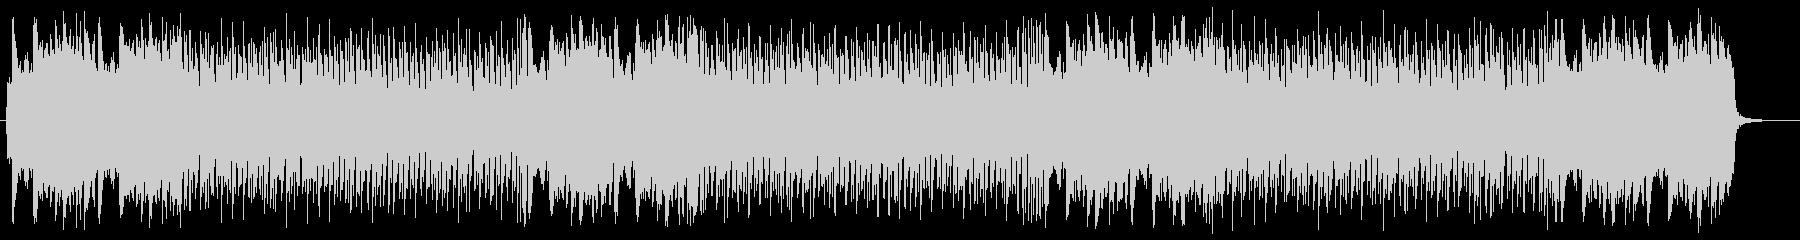 テンポと曲転換がダイナミックな曲の未再生の波形